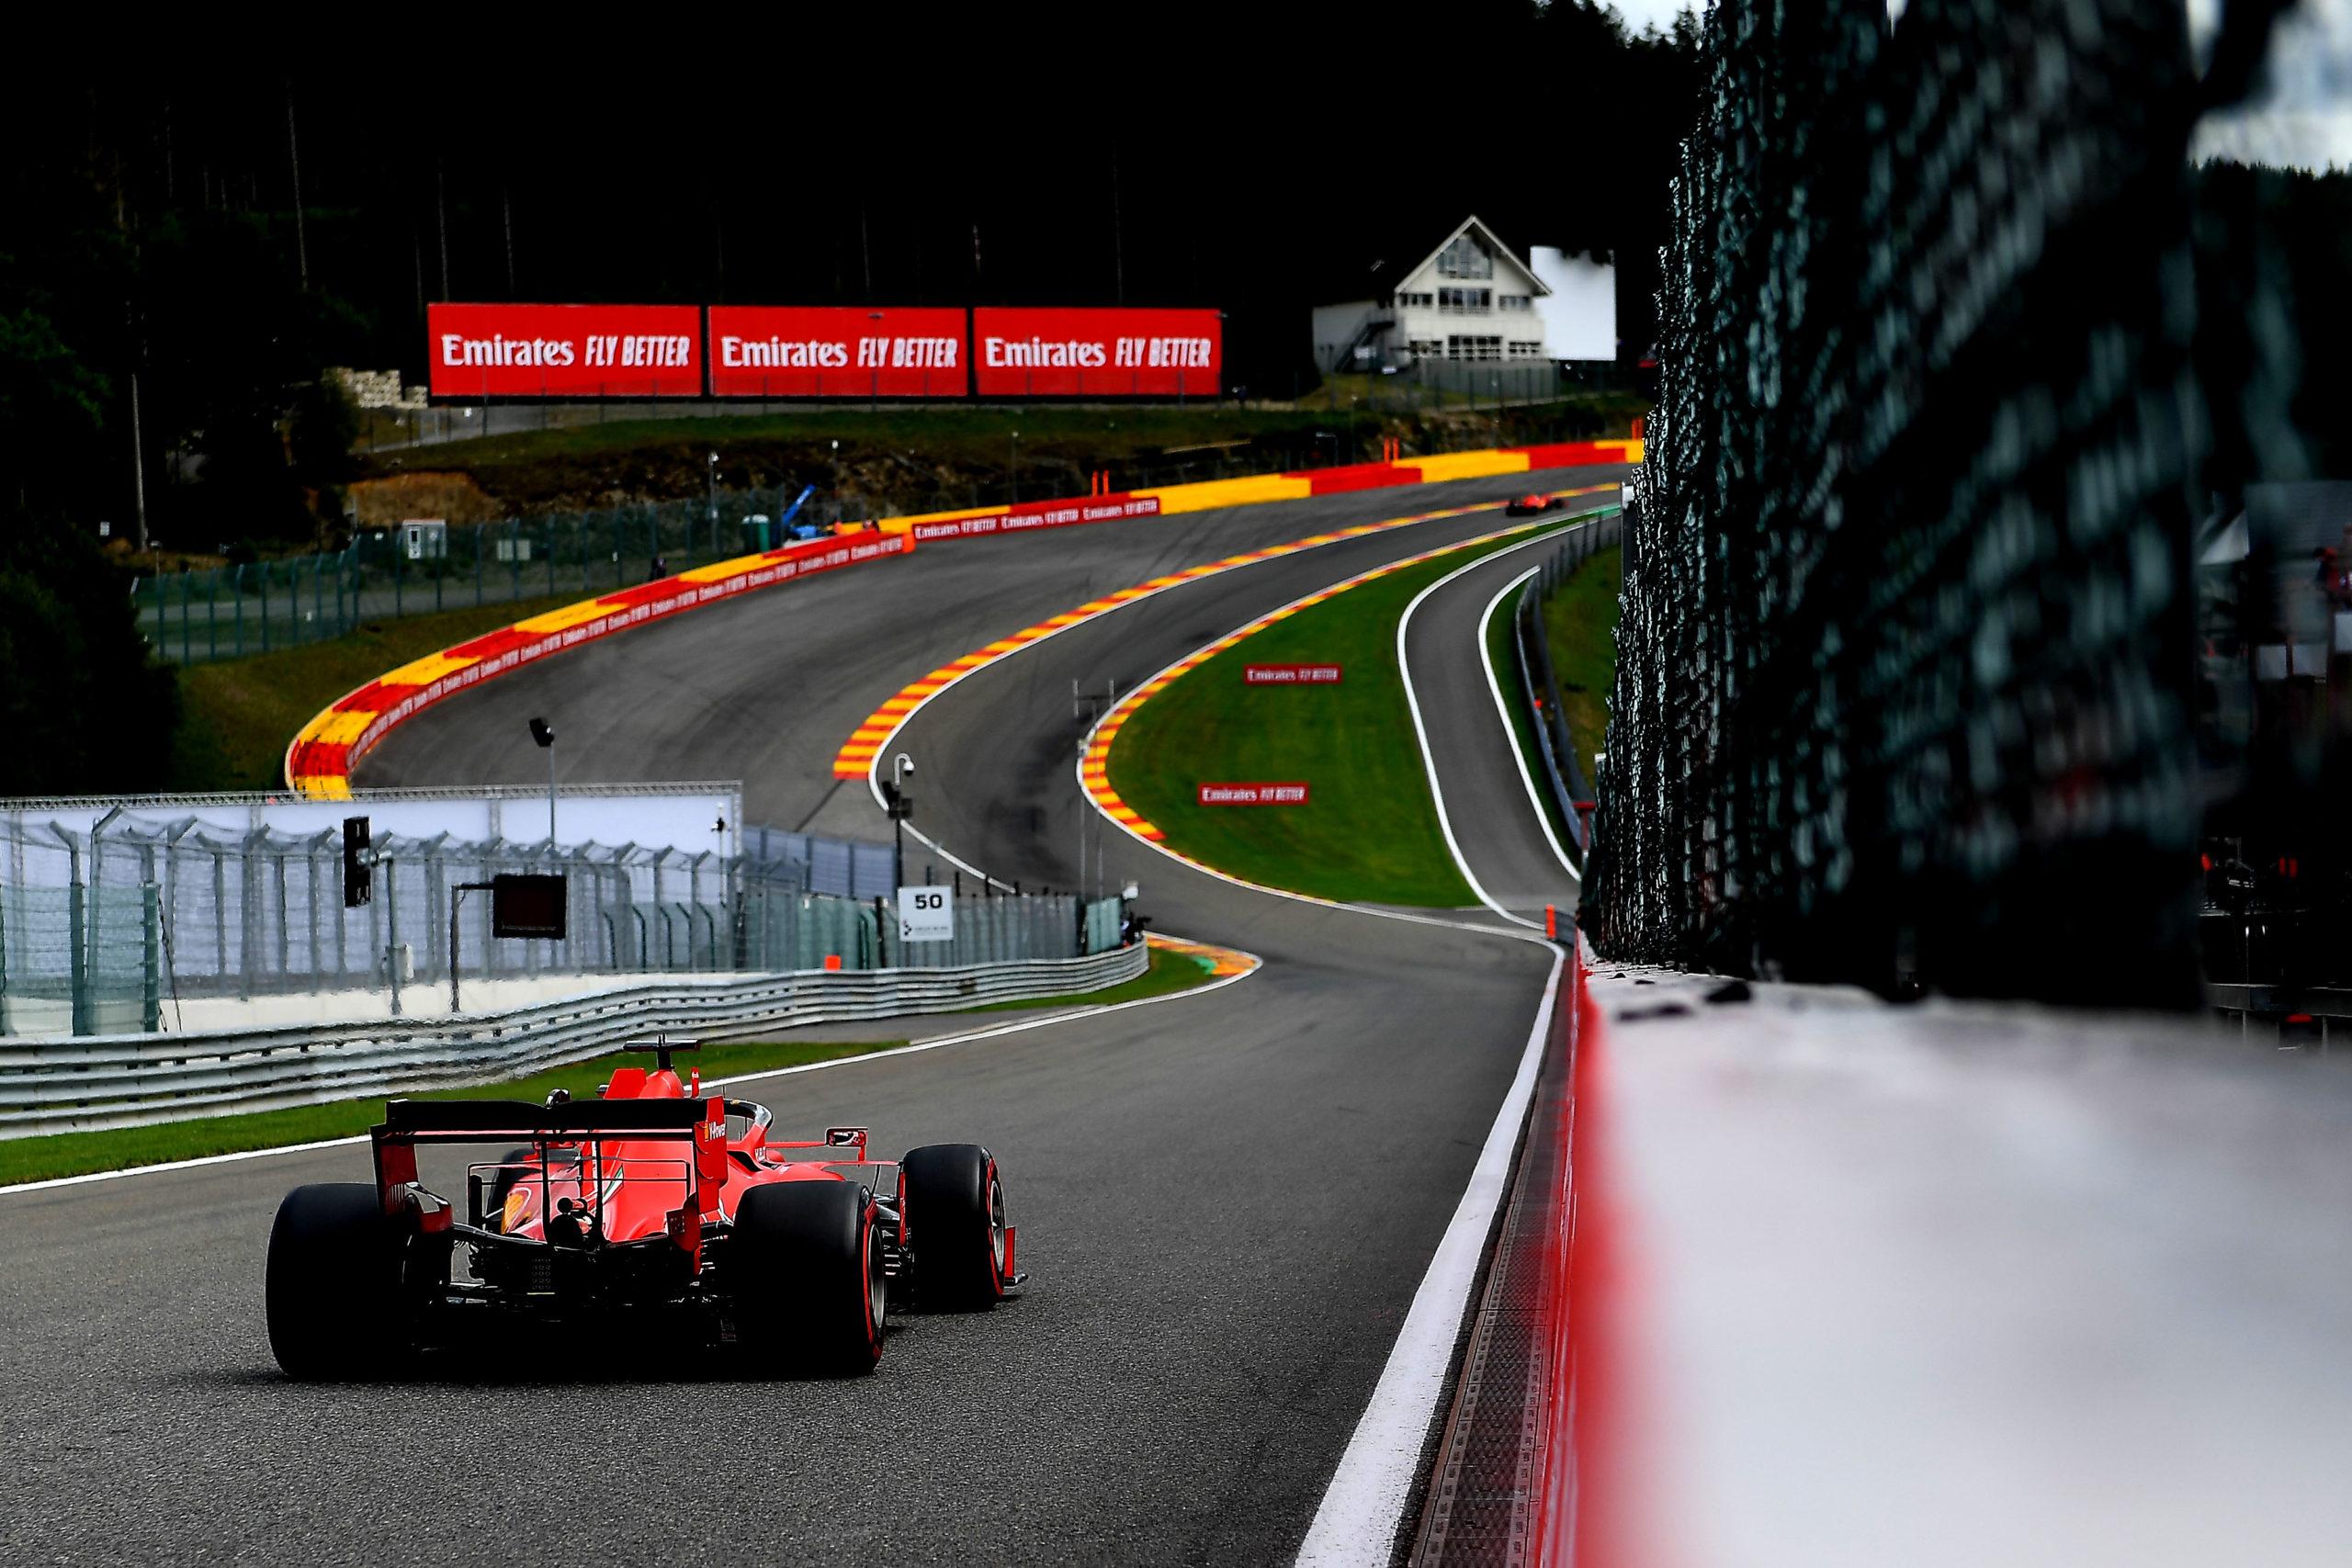 GP BELGIO F1/2020 -  SABATO 29/08/2020    credit: @Scuderia Ferrari Press Office,  Vettel